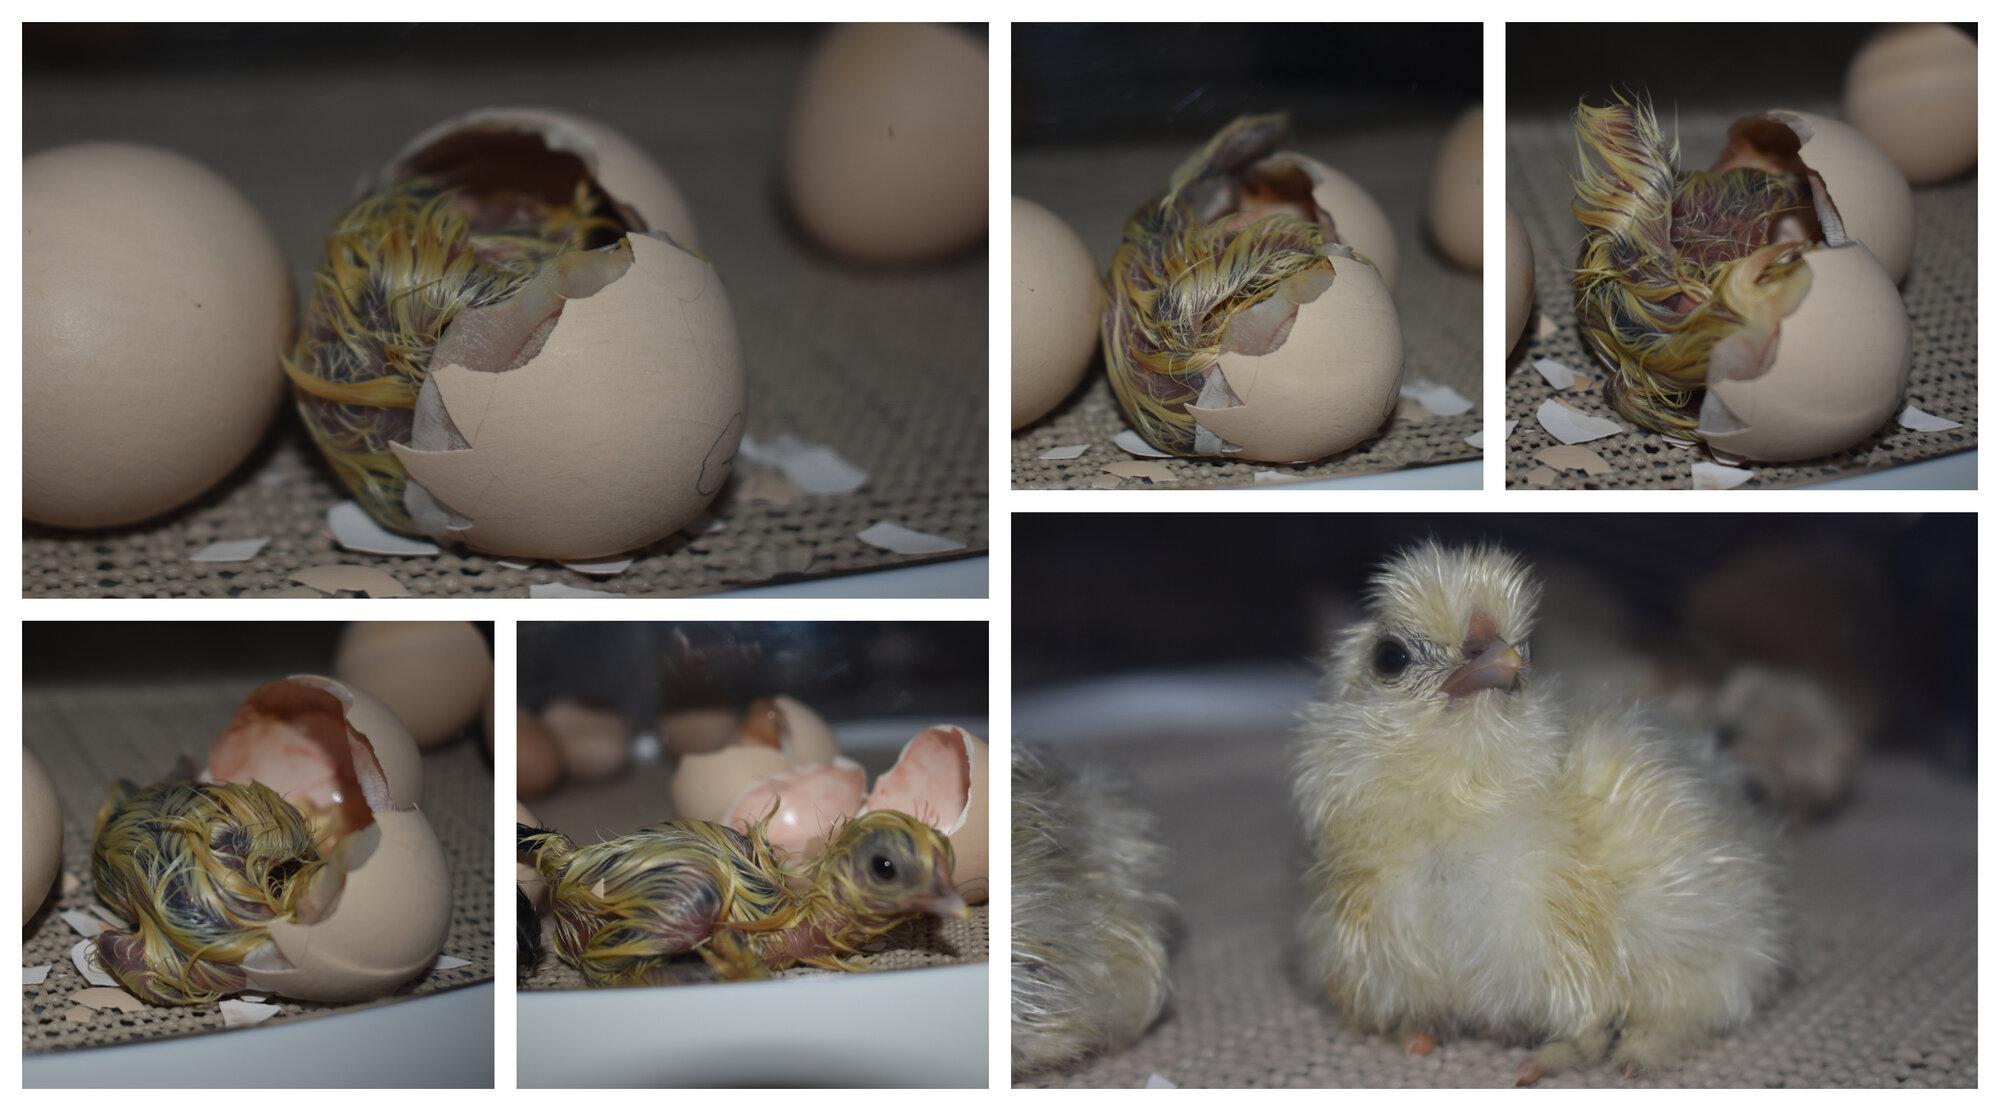 2-18-20 Silkie Hatching (1).jpg